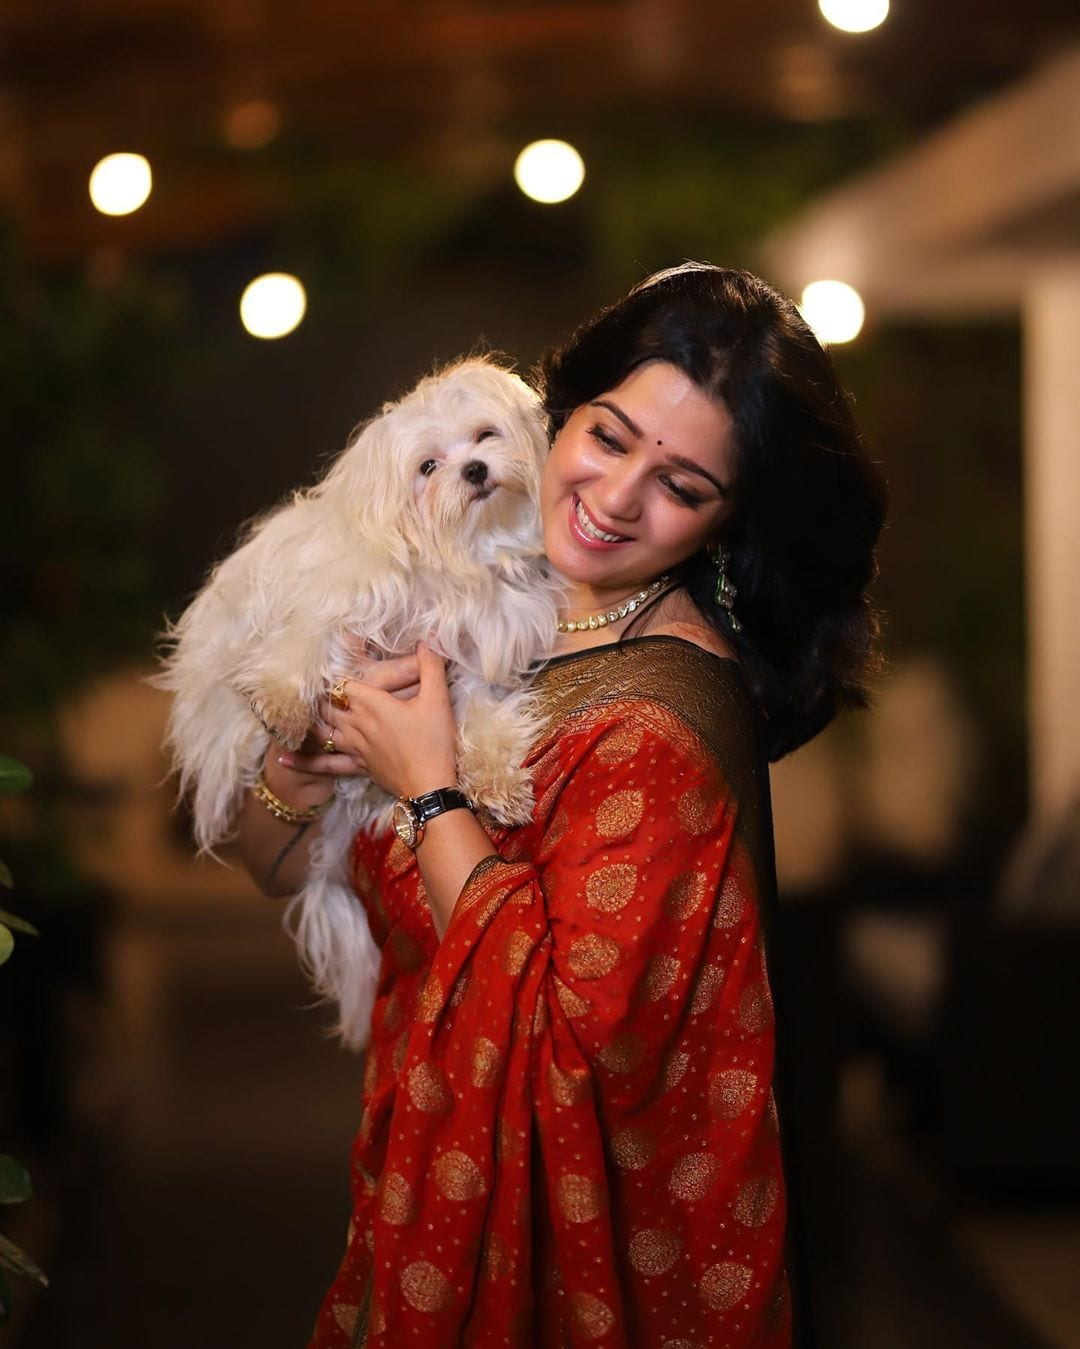 చార్మీ కౌర్ (Photo: Charmmekaur/Instagram)